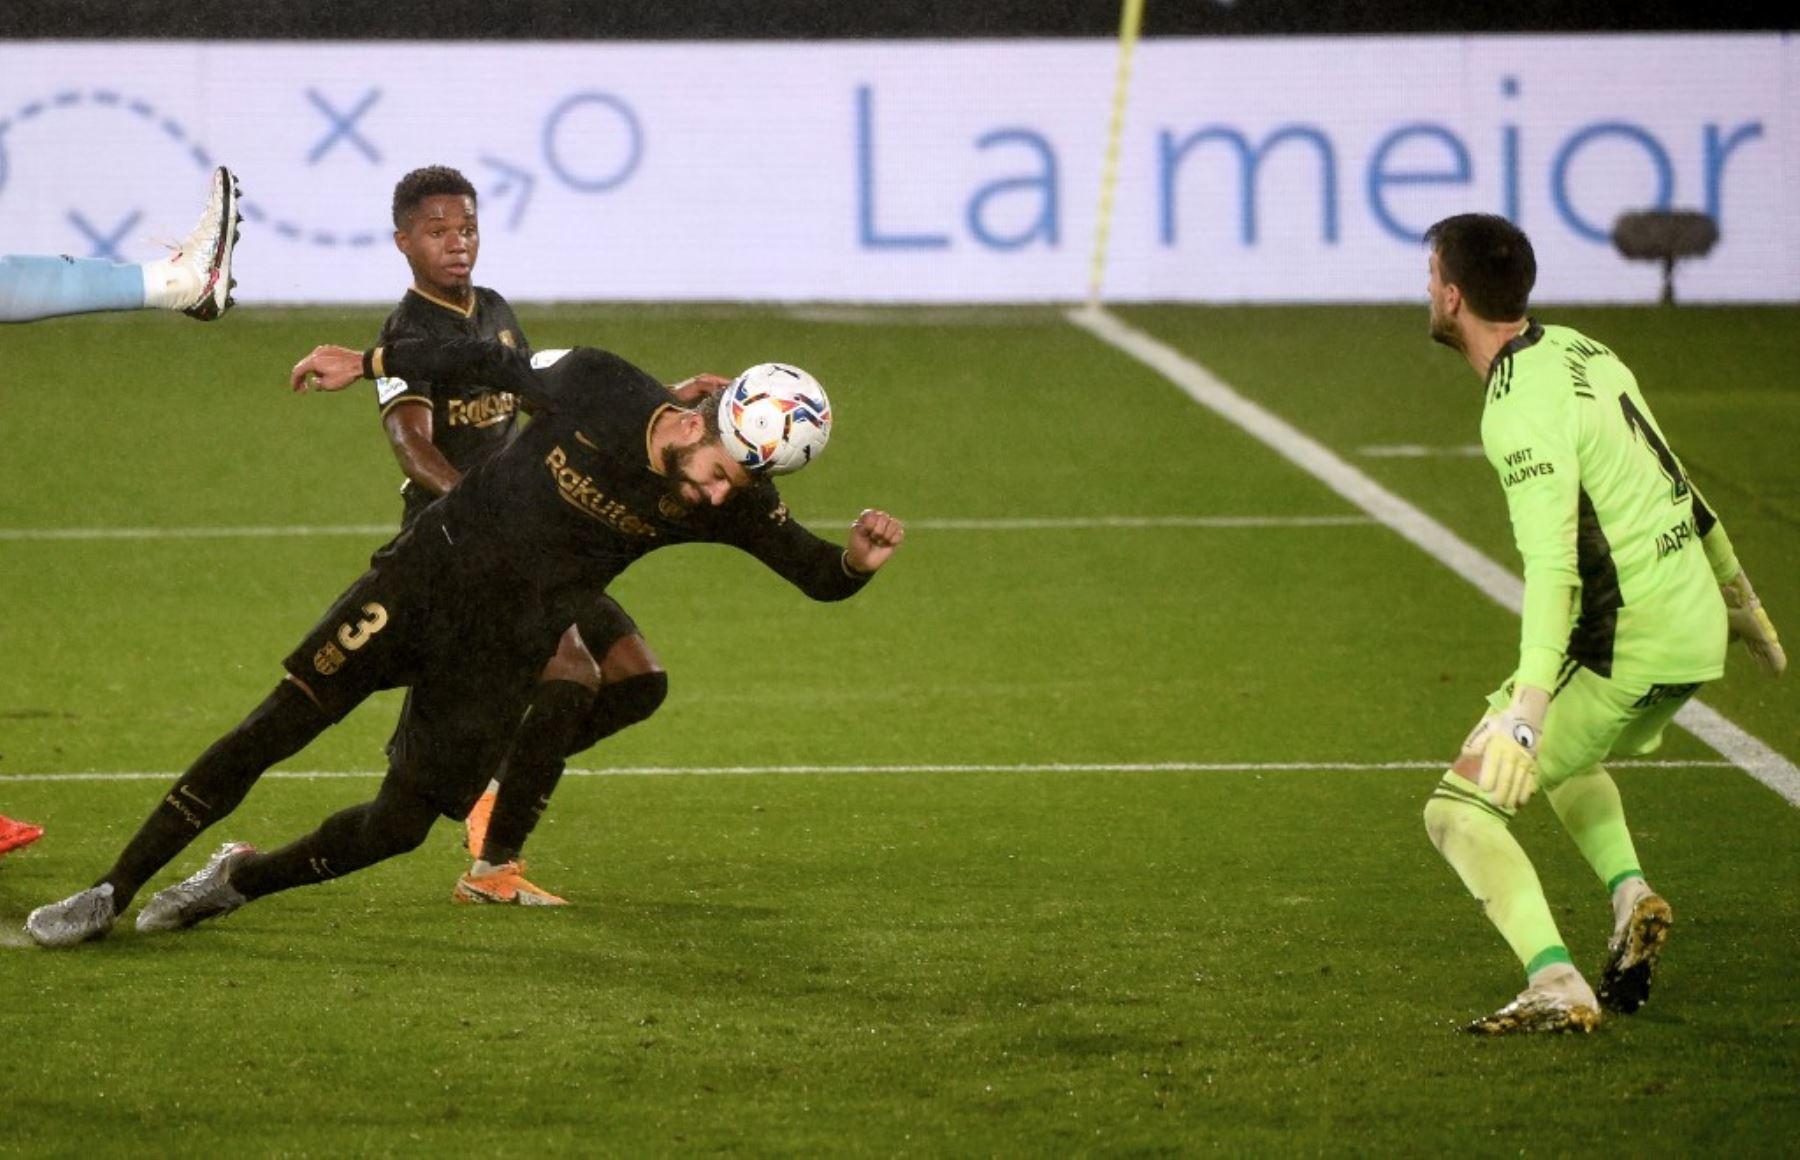 El defensor español de Barcelona, Gerard Piqué, cabecea el balón durante el partido de fútbol de la liga española RC Celta de Vigo contra el FC Barcelona en el estadio Balaidos de Vigo.Foto:AFP